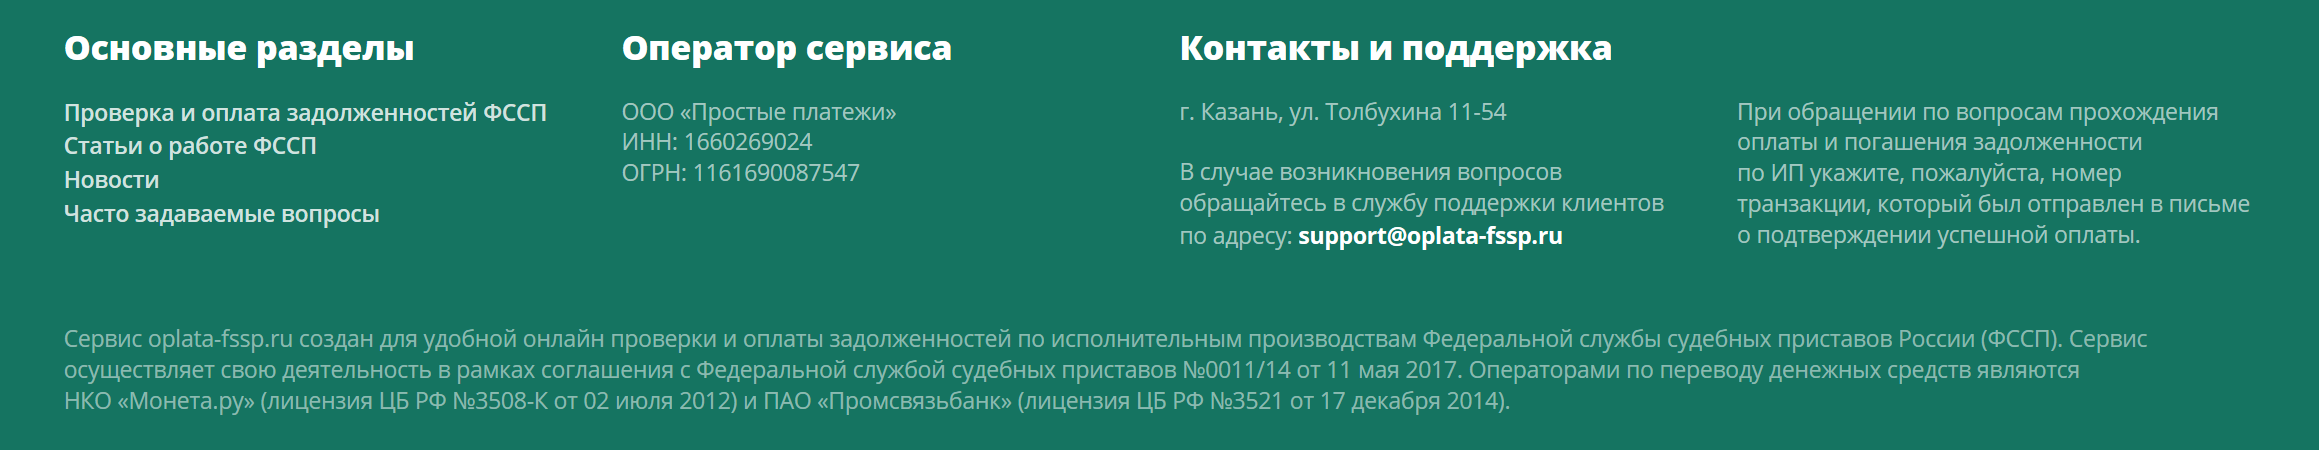 Сотни тысяч платежей граждан в ГИБДД и ФССП находились в открытом доступе - 4